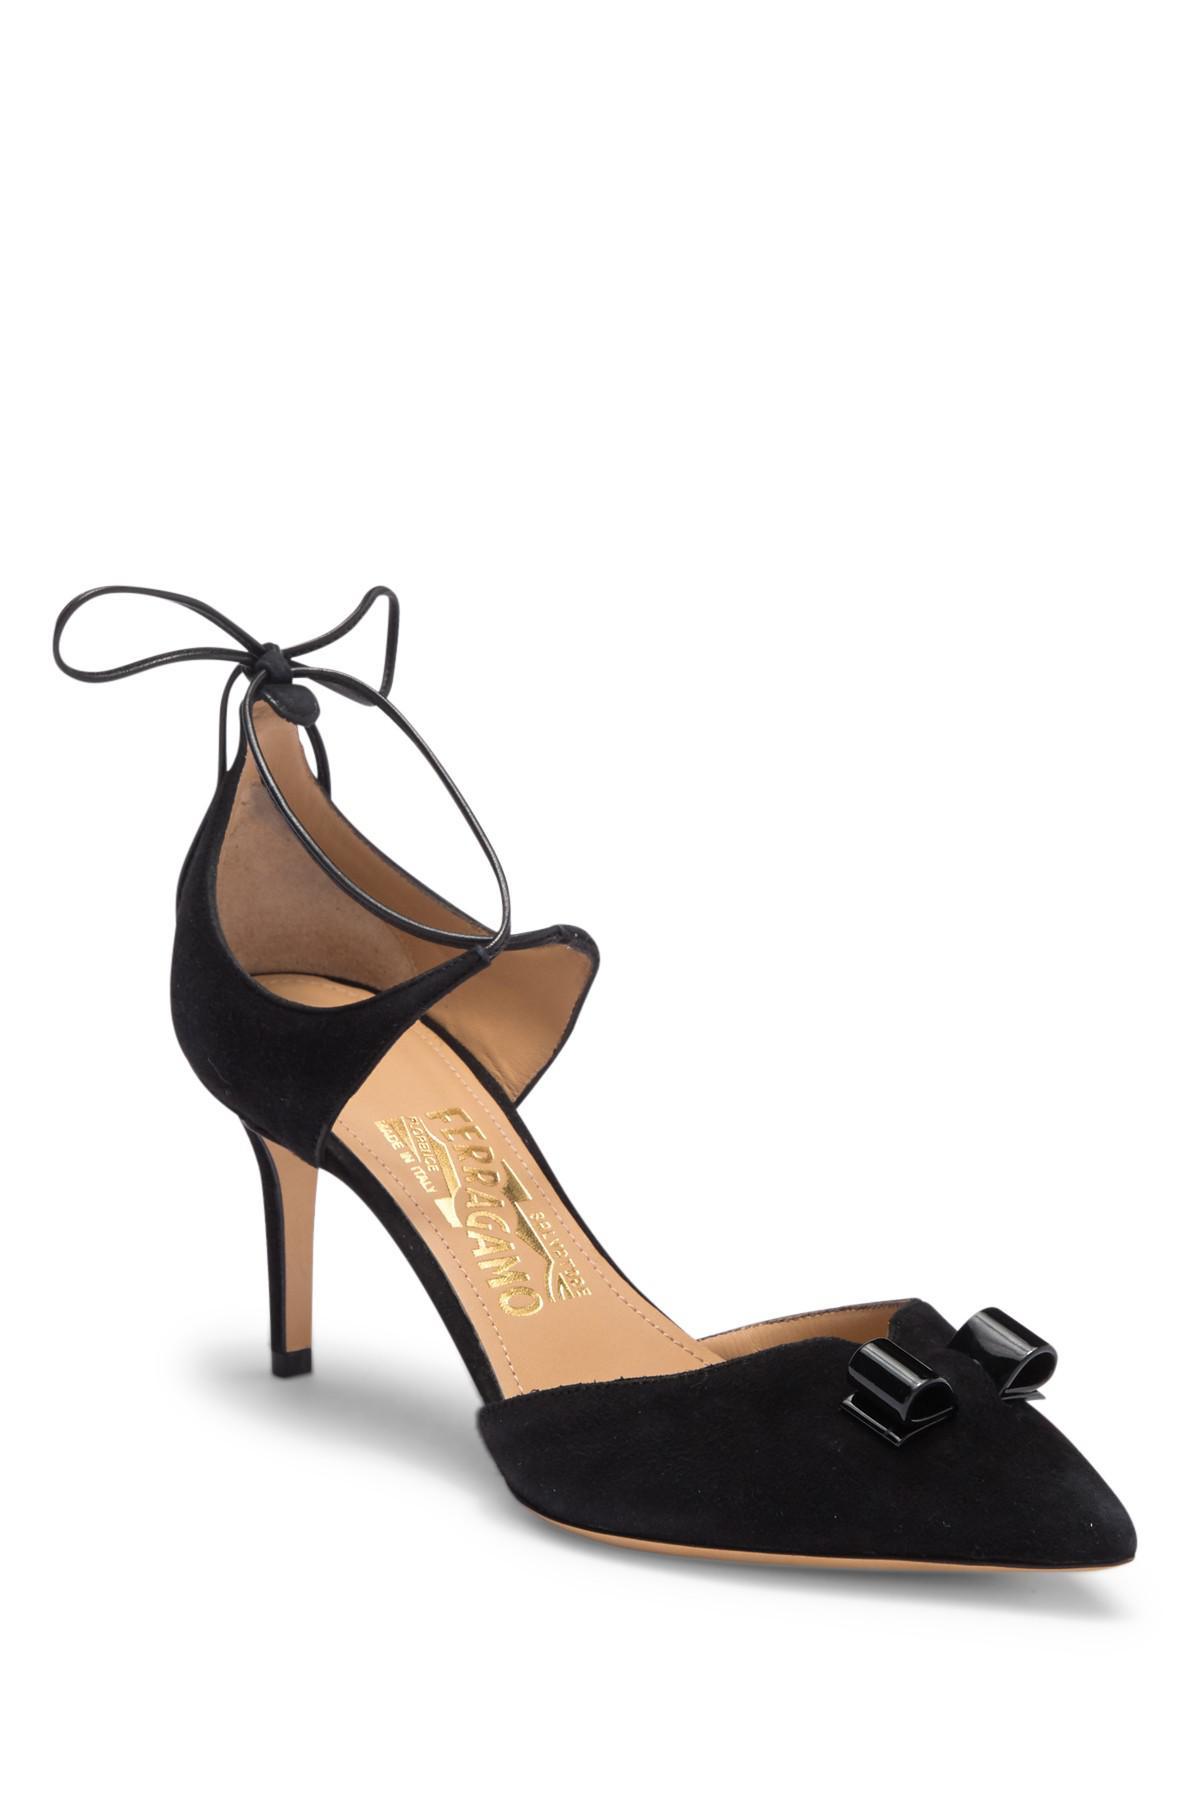 3041fc6bd87 Lyst - Ferragamo Carolyn Pointed Toe Suede Pump in Black